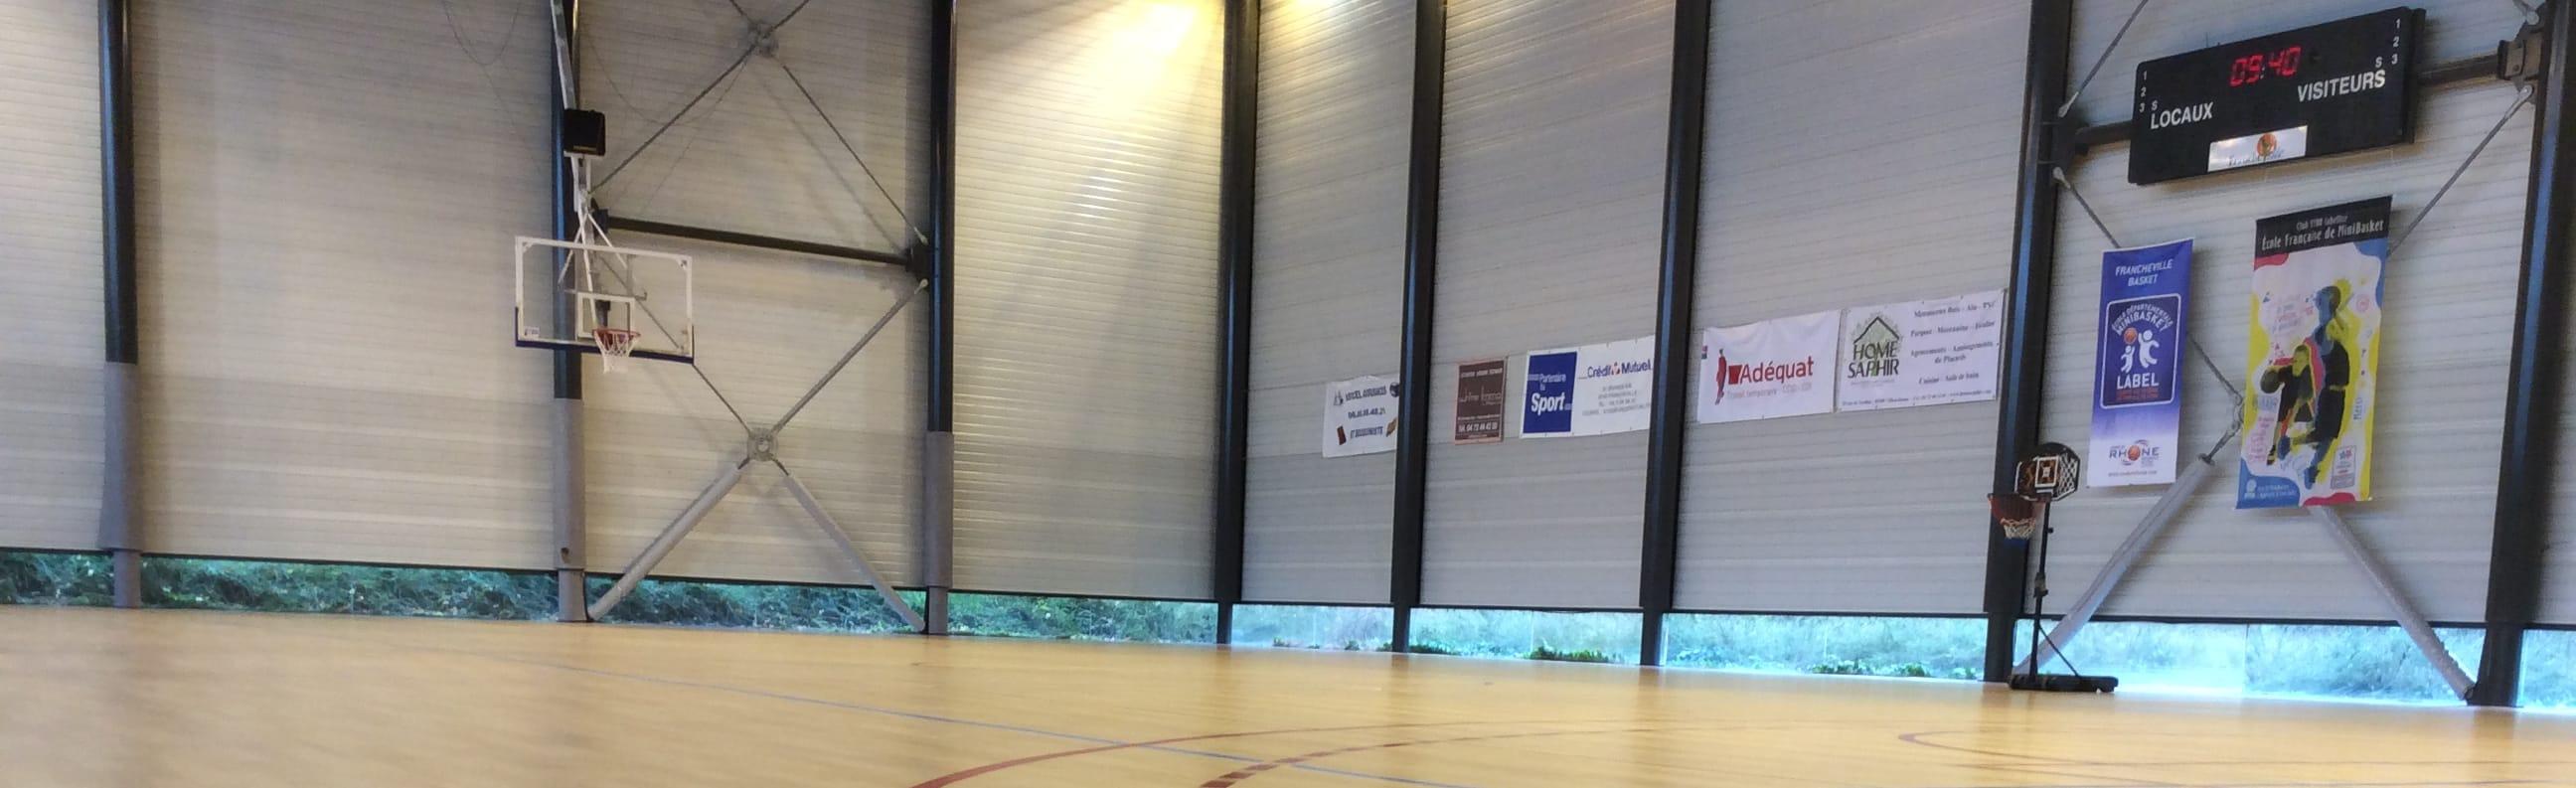 Francheville Basket